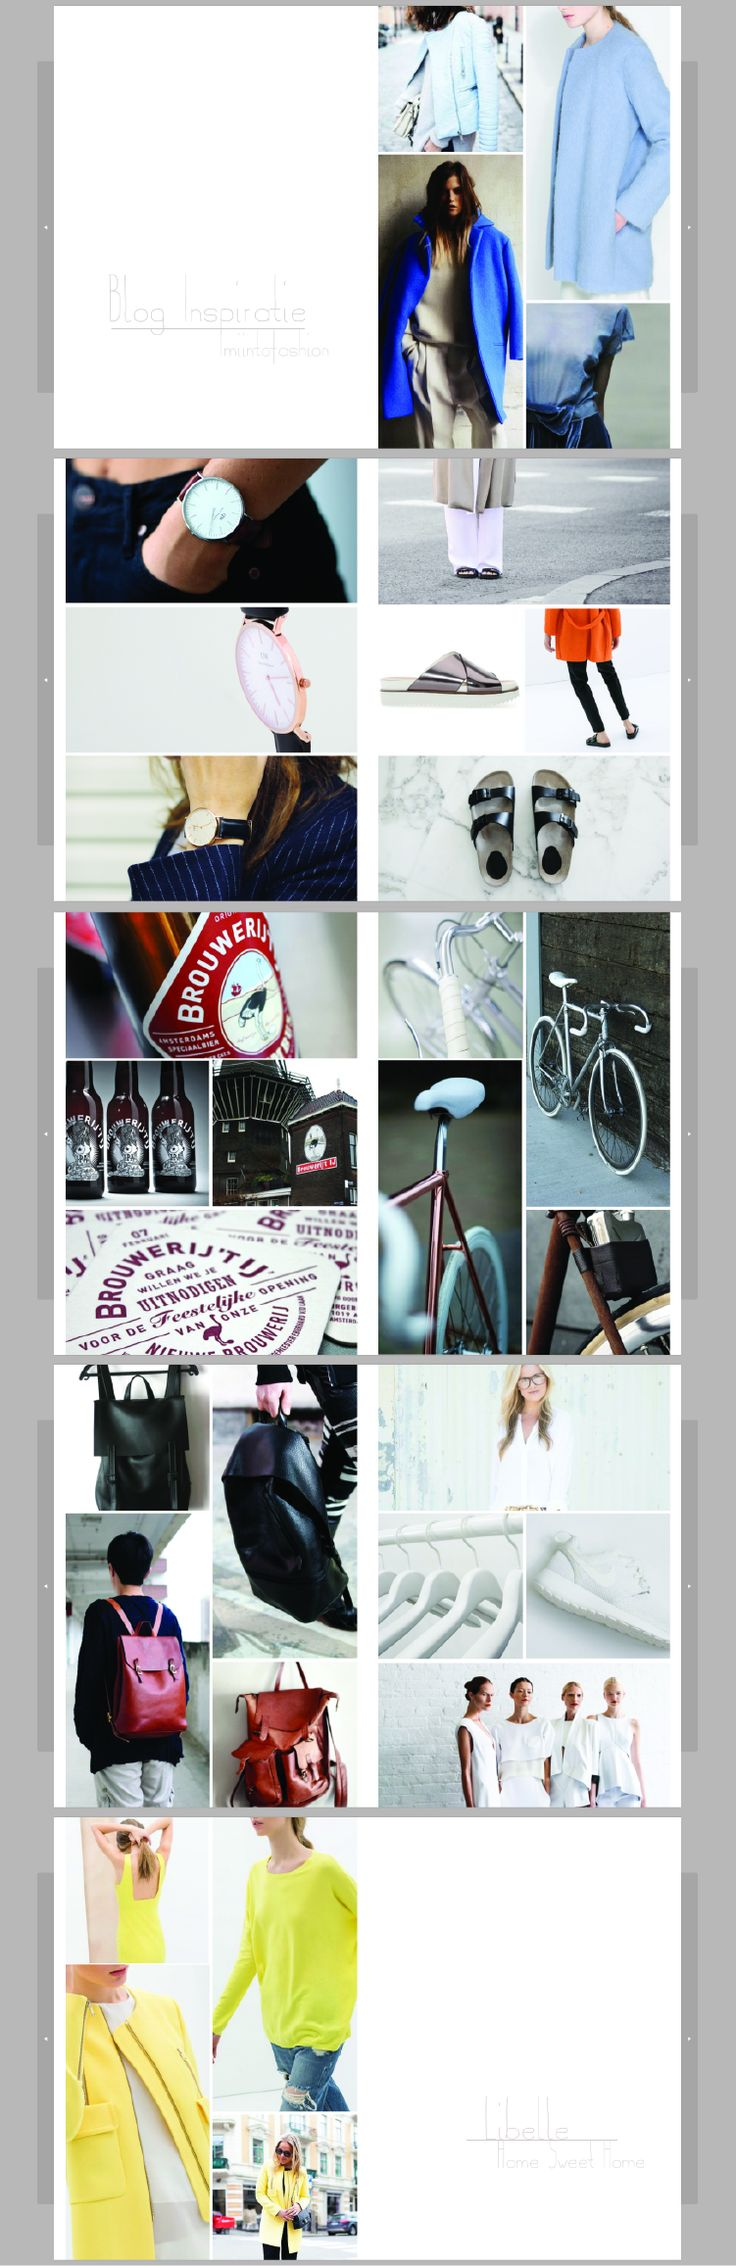 Die besten 25+ Online portfolio beispiele Ideen auf Pinterest ...